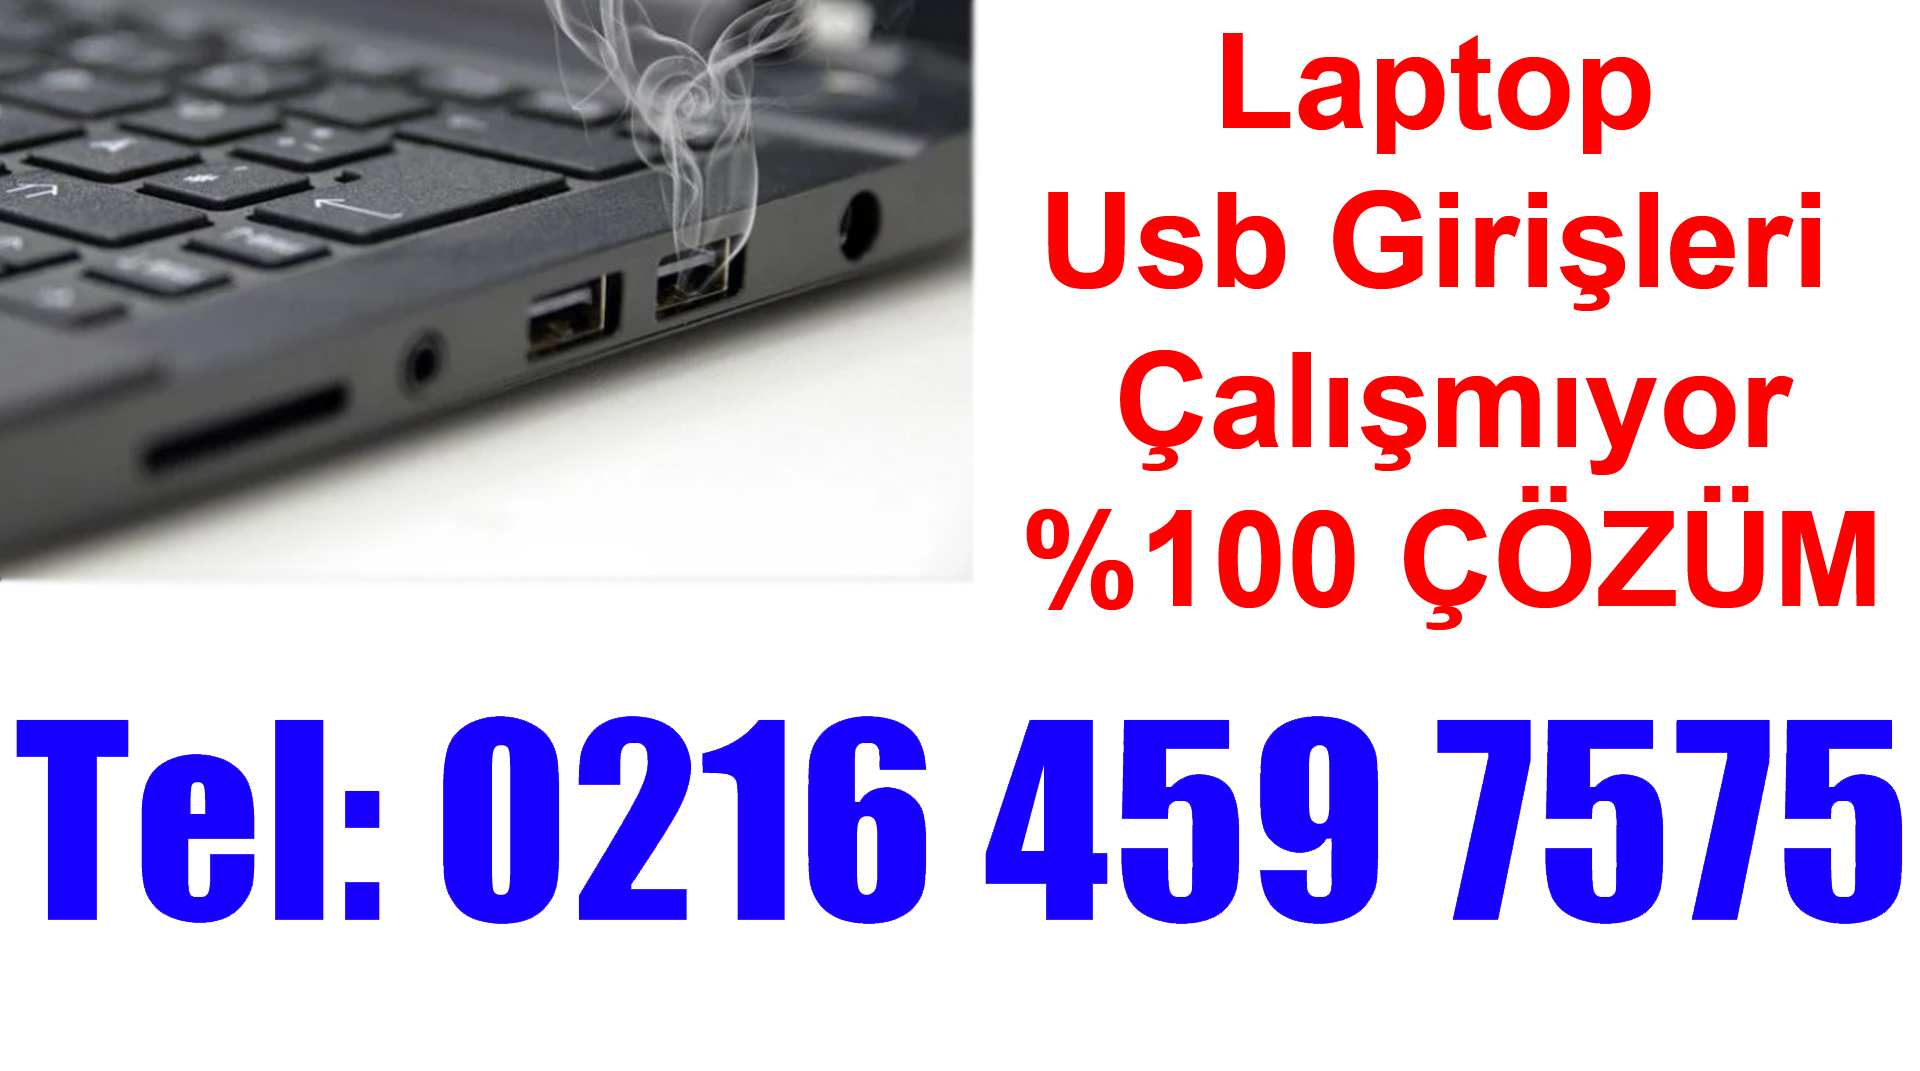 Laptop USB Portları Çalışmıyor